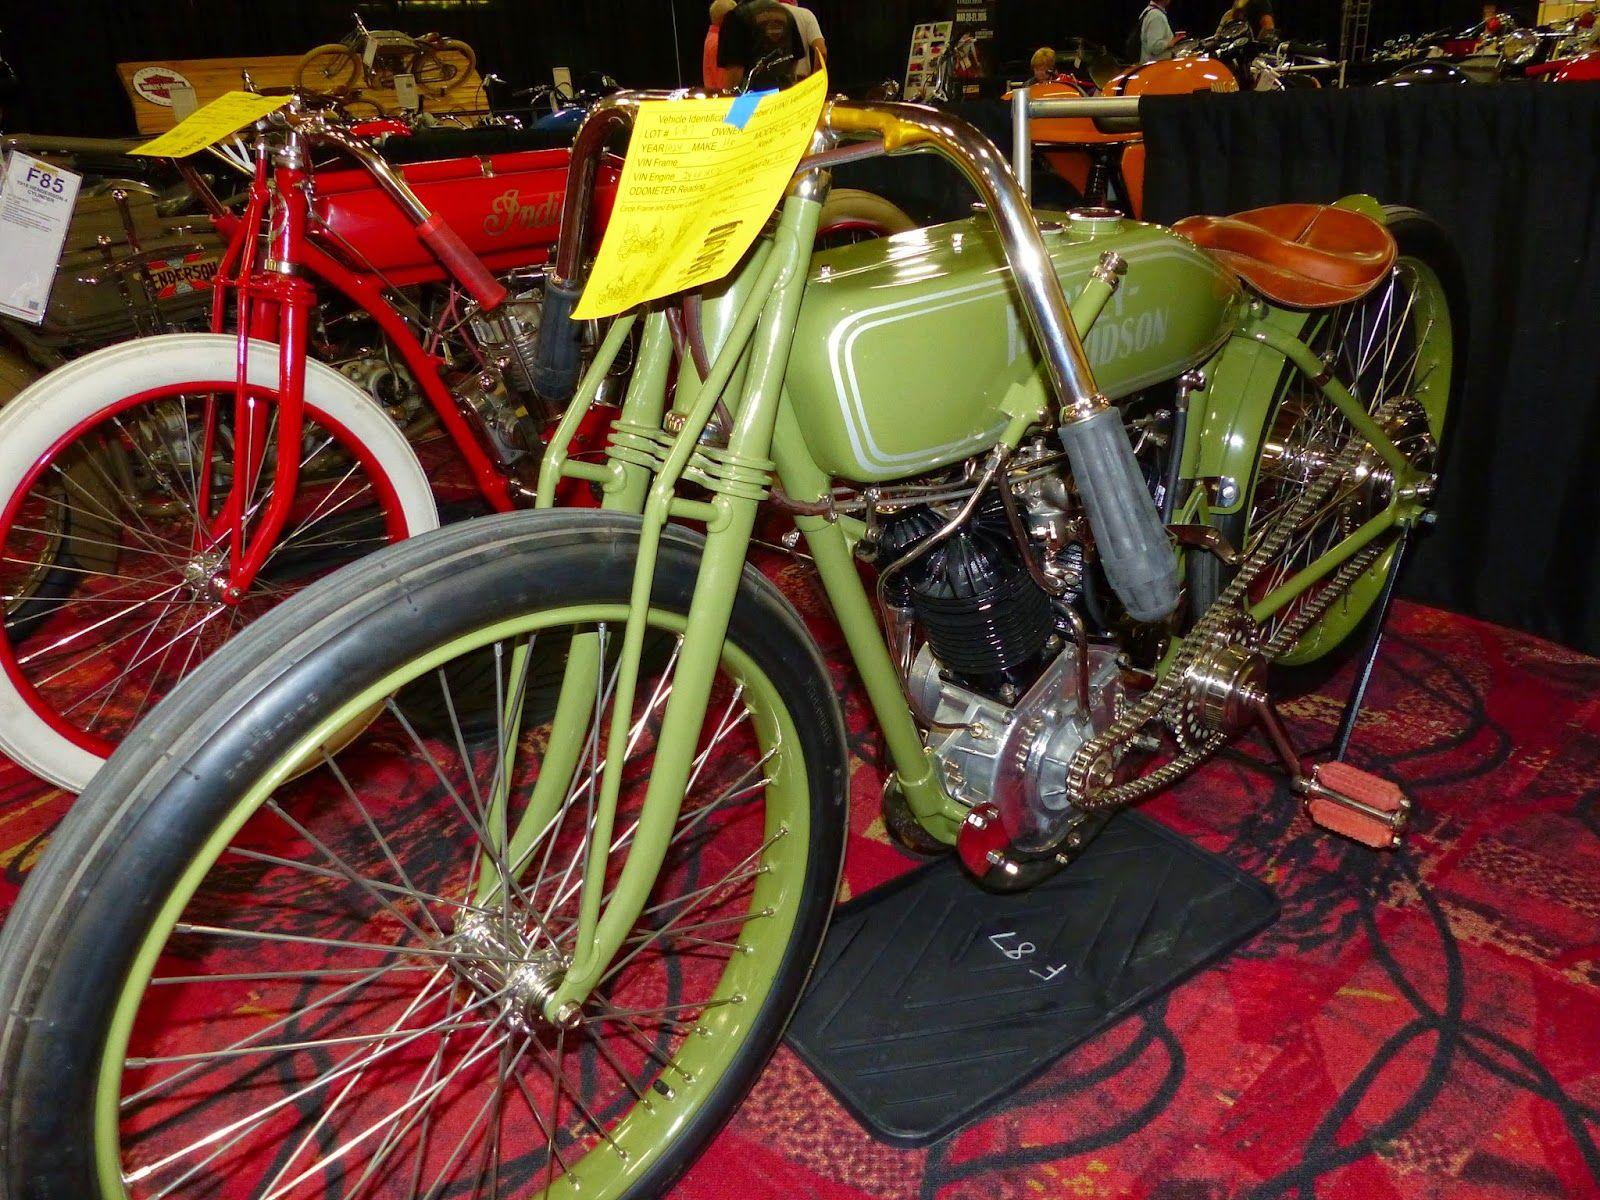 1924 harleydavidson board track racer sold for 45000 at